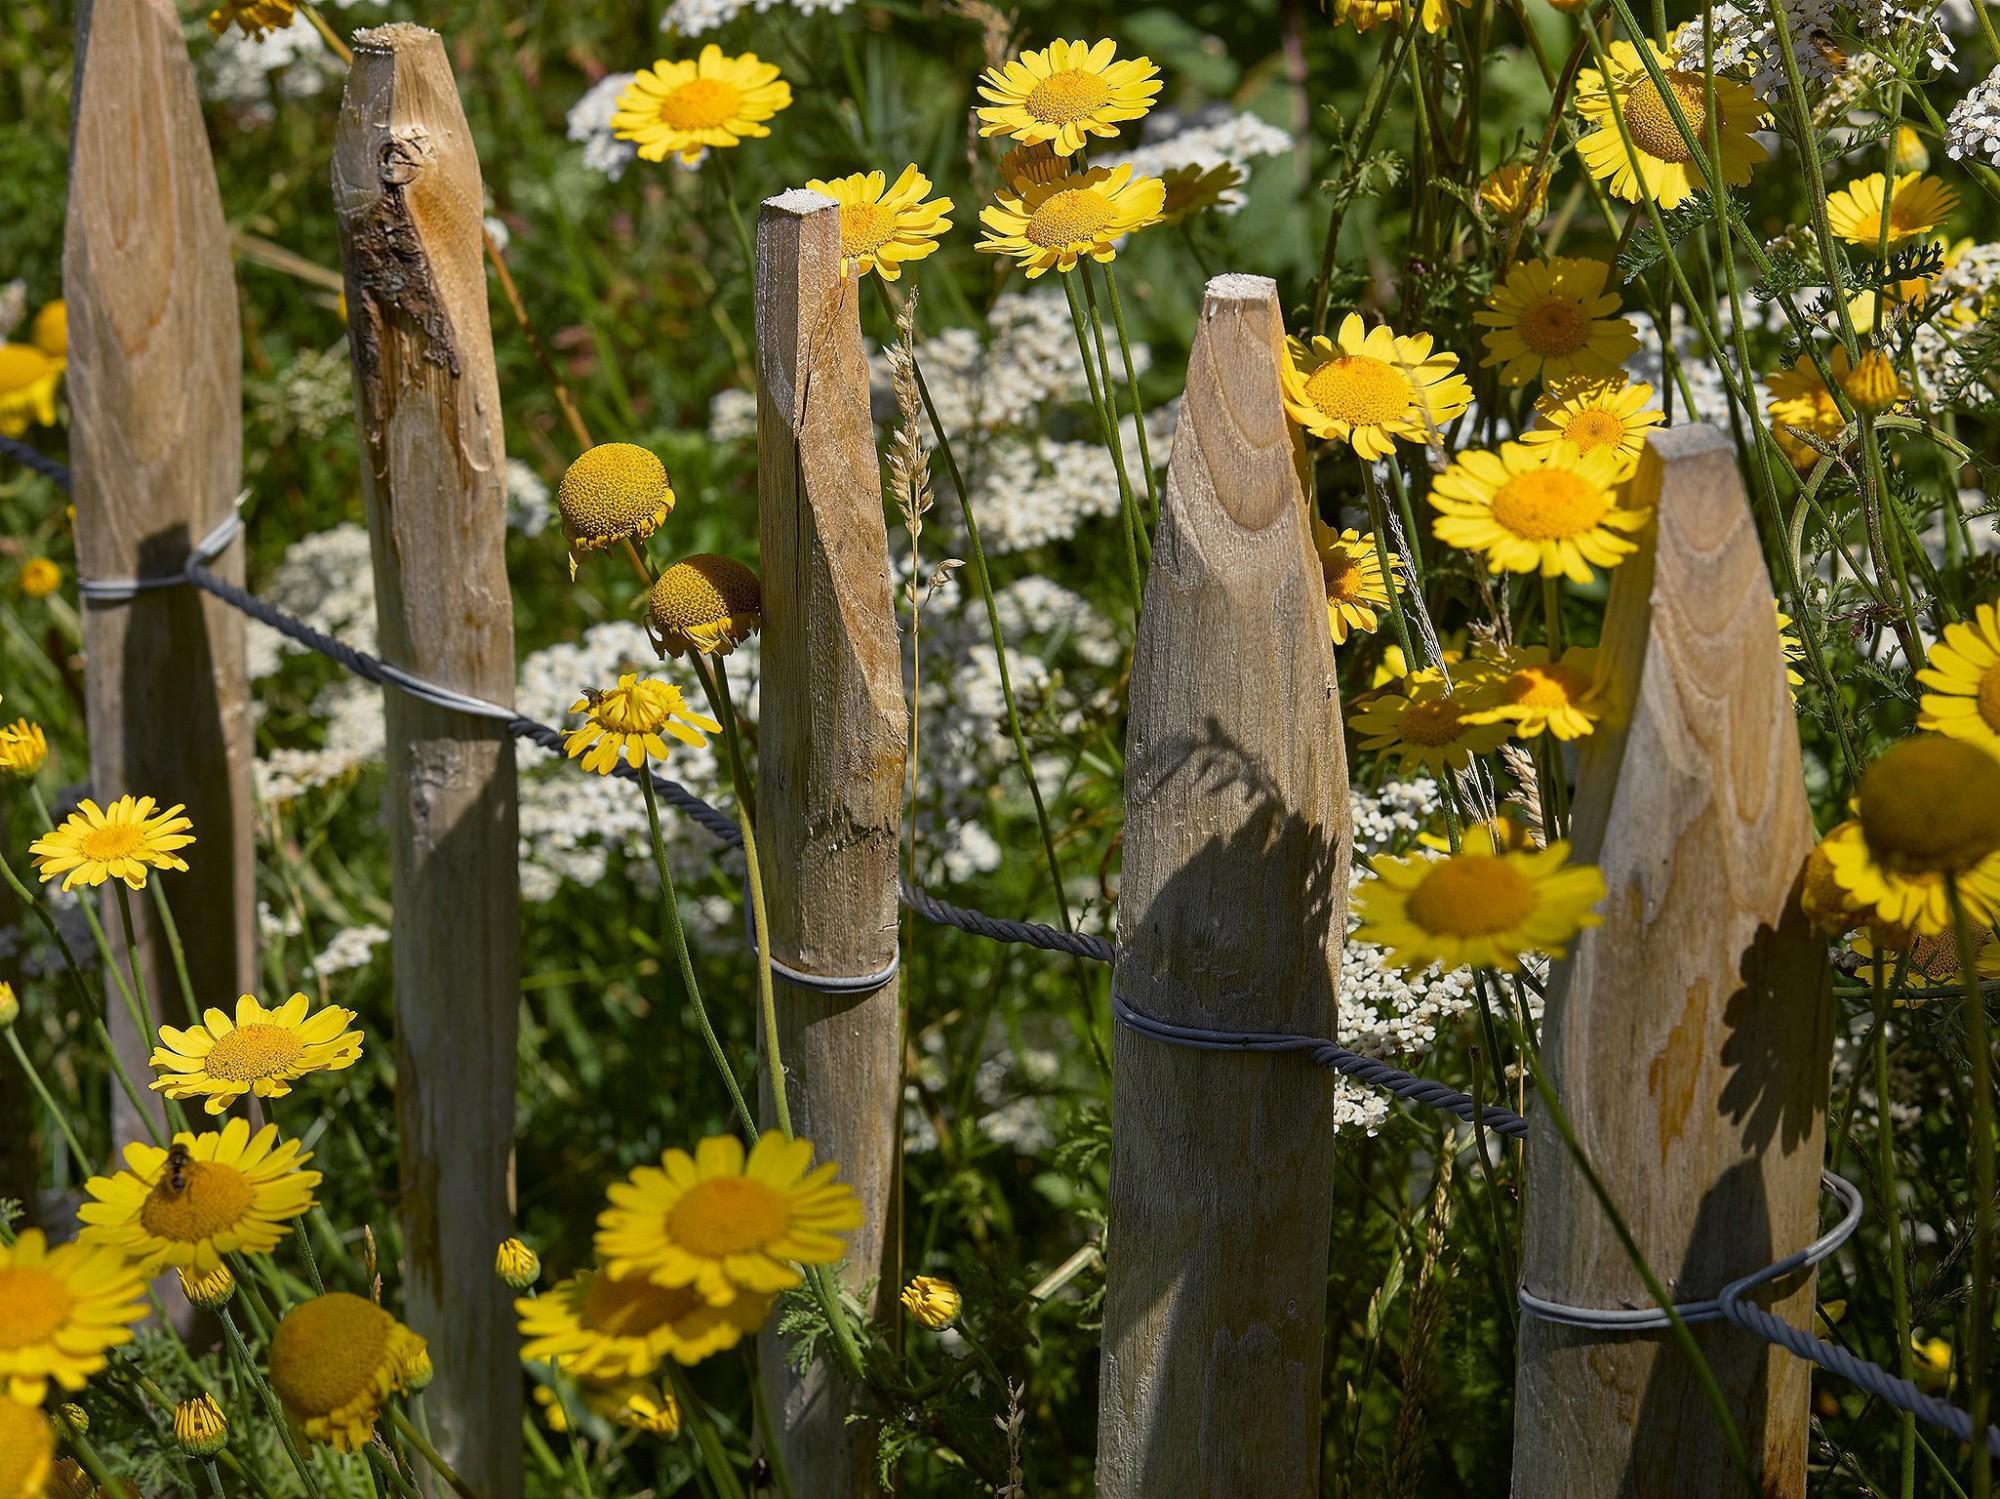 Afbeelding: Fotografie tuinarchitectuur, fotografie bloemen en planten, bomen en struiken. Kastanje houten afsluiting met gele margrieten.